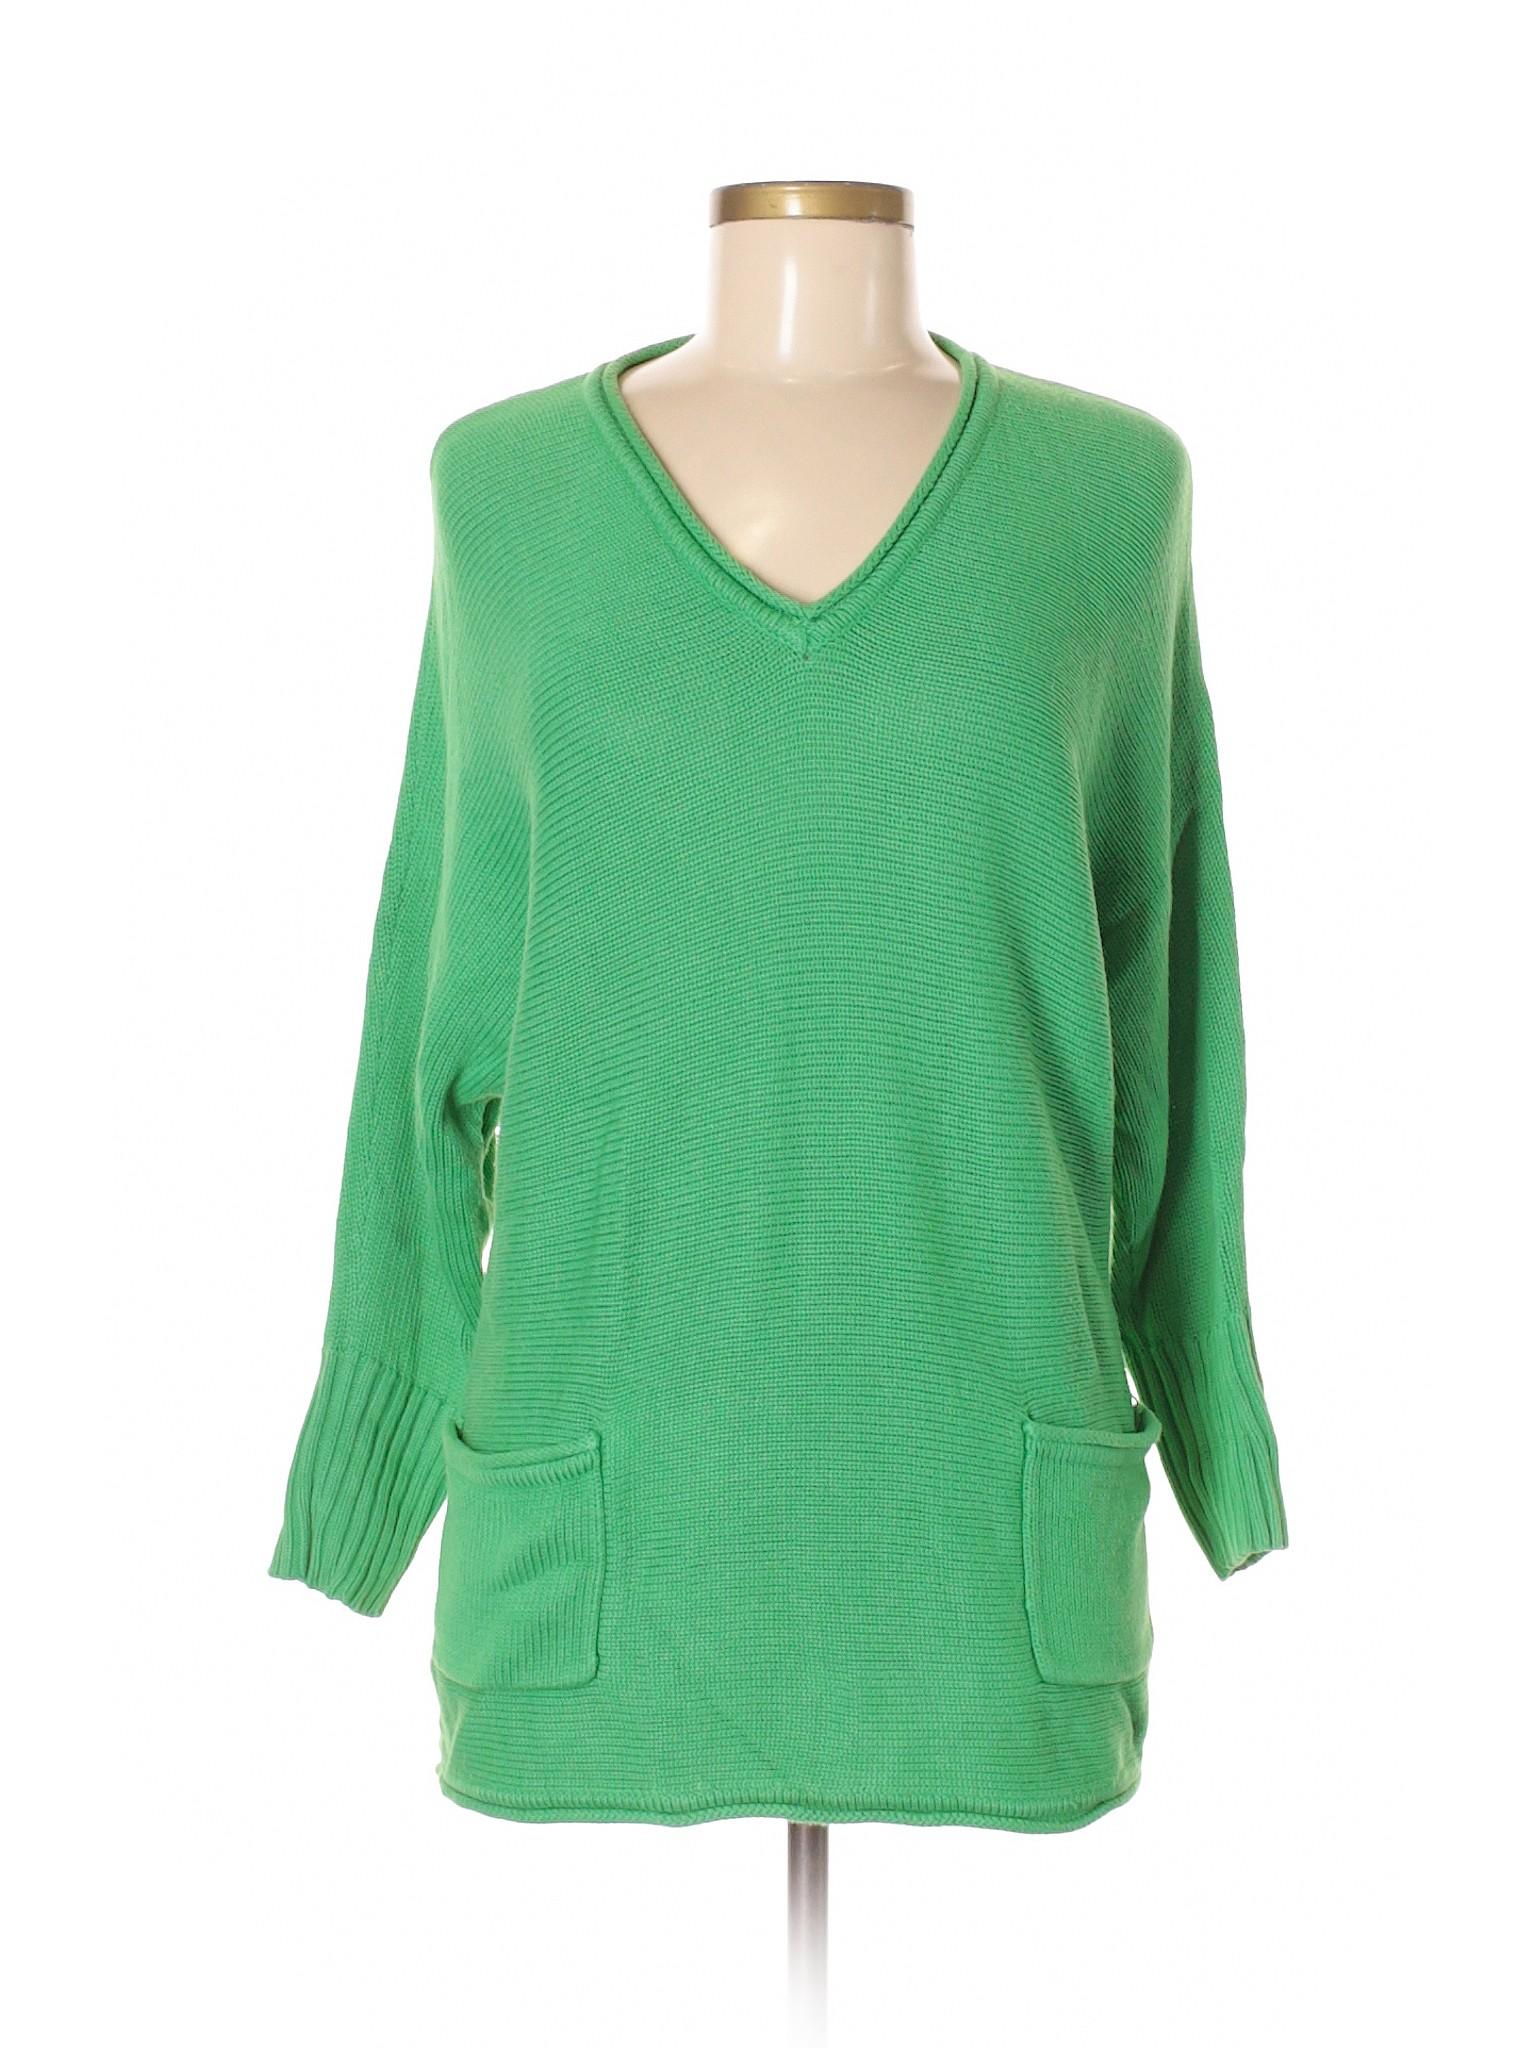 Boutique Boutique Pullover America Sweater 525 America Pullover 525 rw1qBPrH